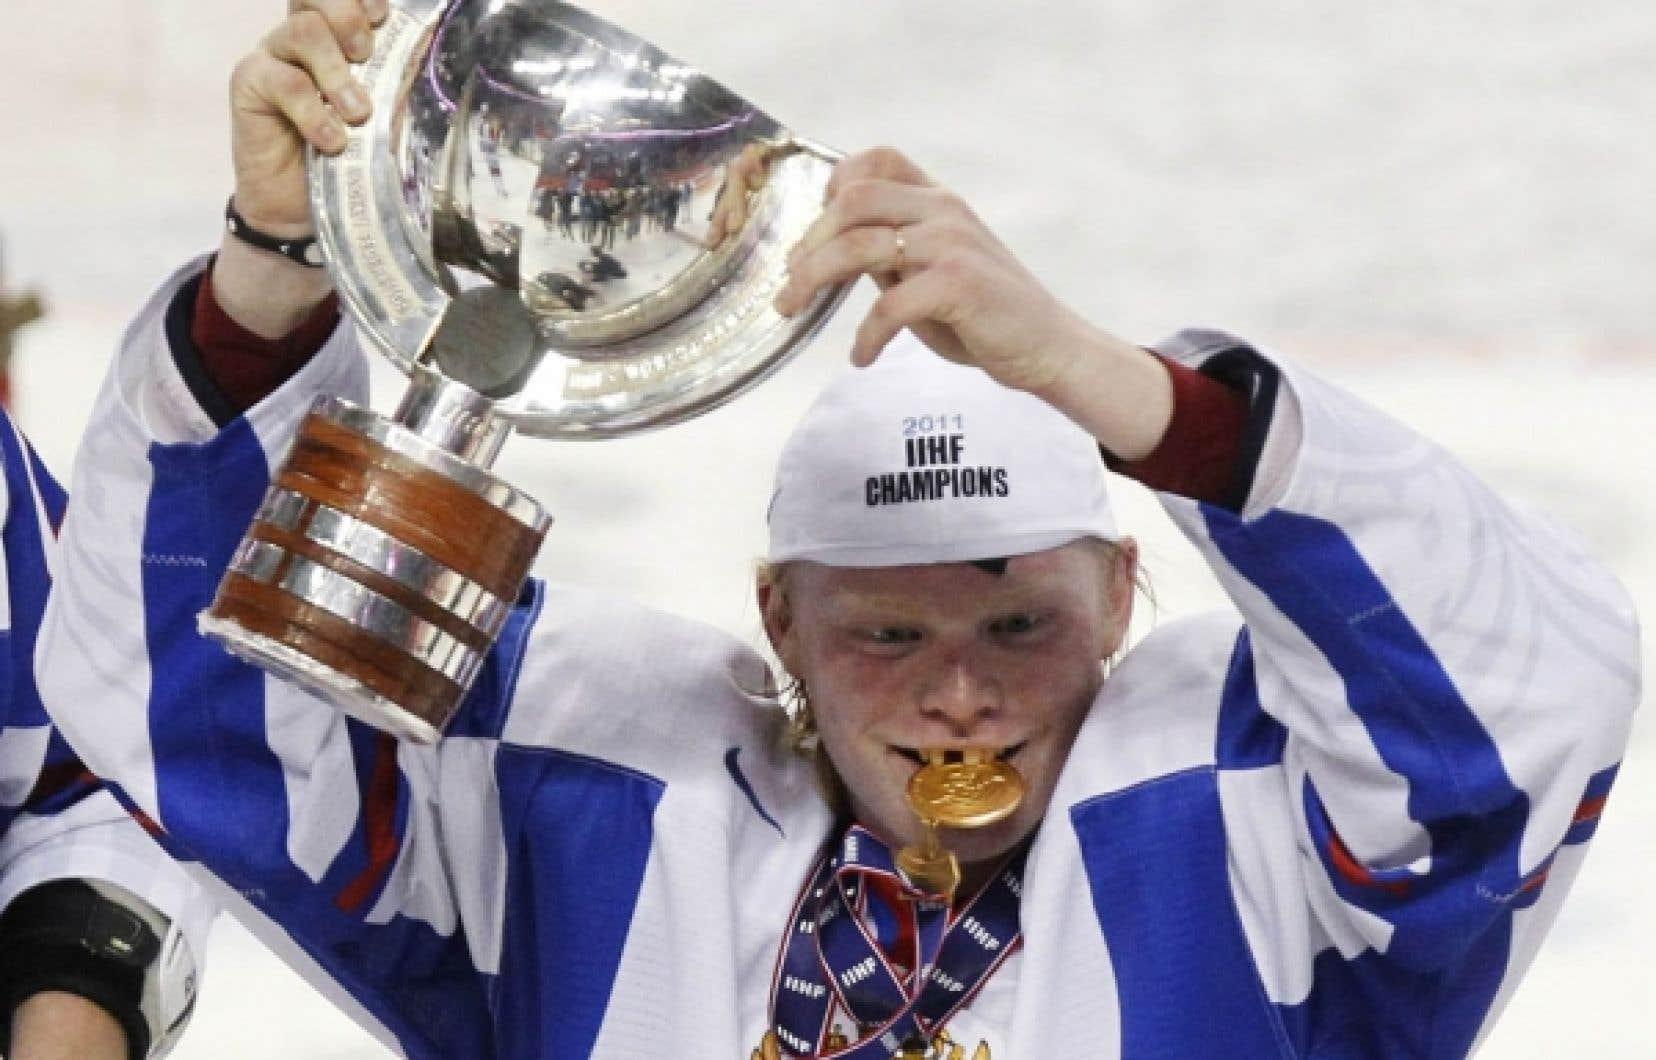 Andreï Sergeyev et les autres joueurs de l'équipe junior russe étaient tout sourire à l'issue du match au cours duquel ils ont infligé une défaite crève-cœur aux Canadiens. Ils ont célébré leur victoire comme il se doit, et même un peu plus... L'équipe russe se préparait à rentrer chez elle hier matin, mais le pilote de l'avion dans lequel les joueurs prenaient place les a priés de descendre de son appareil, tant ils étaient... euphoriques, pour utiliser un euphémisme.<br />